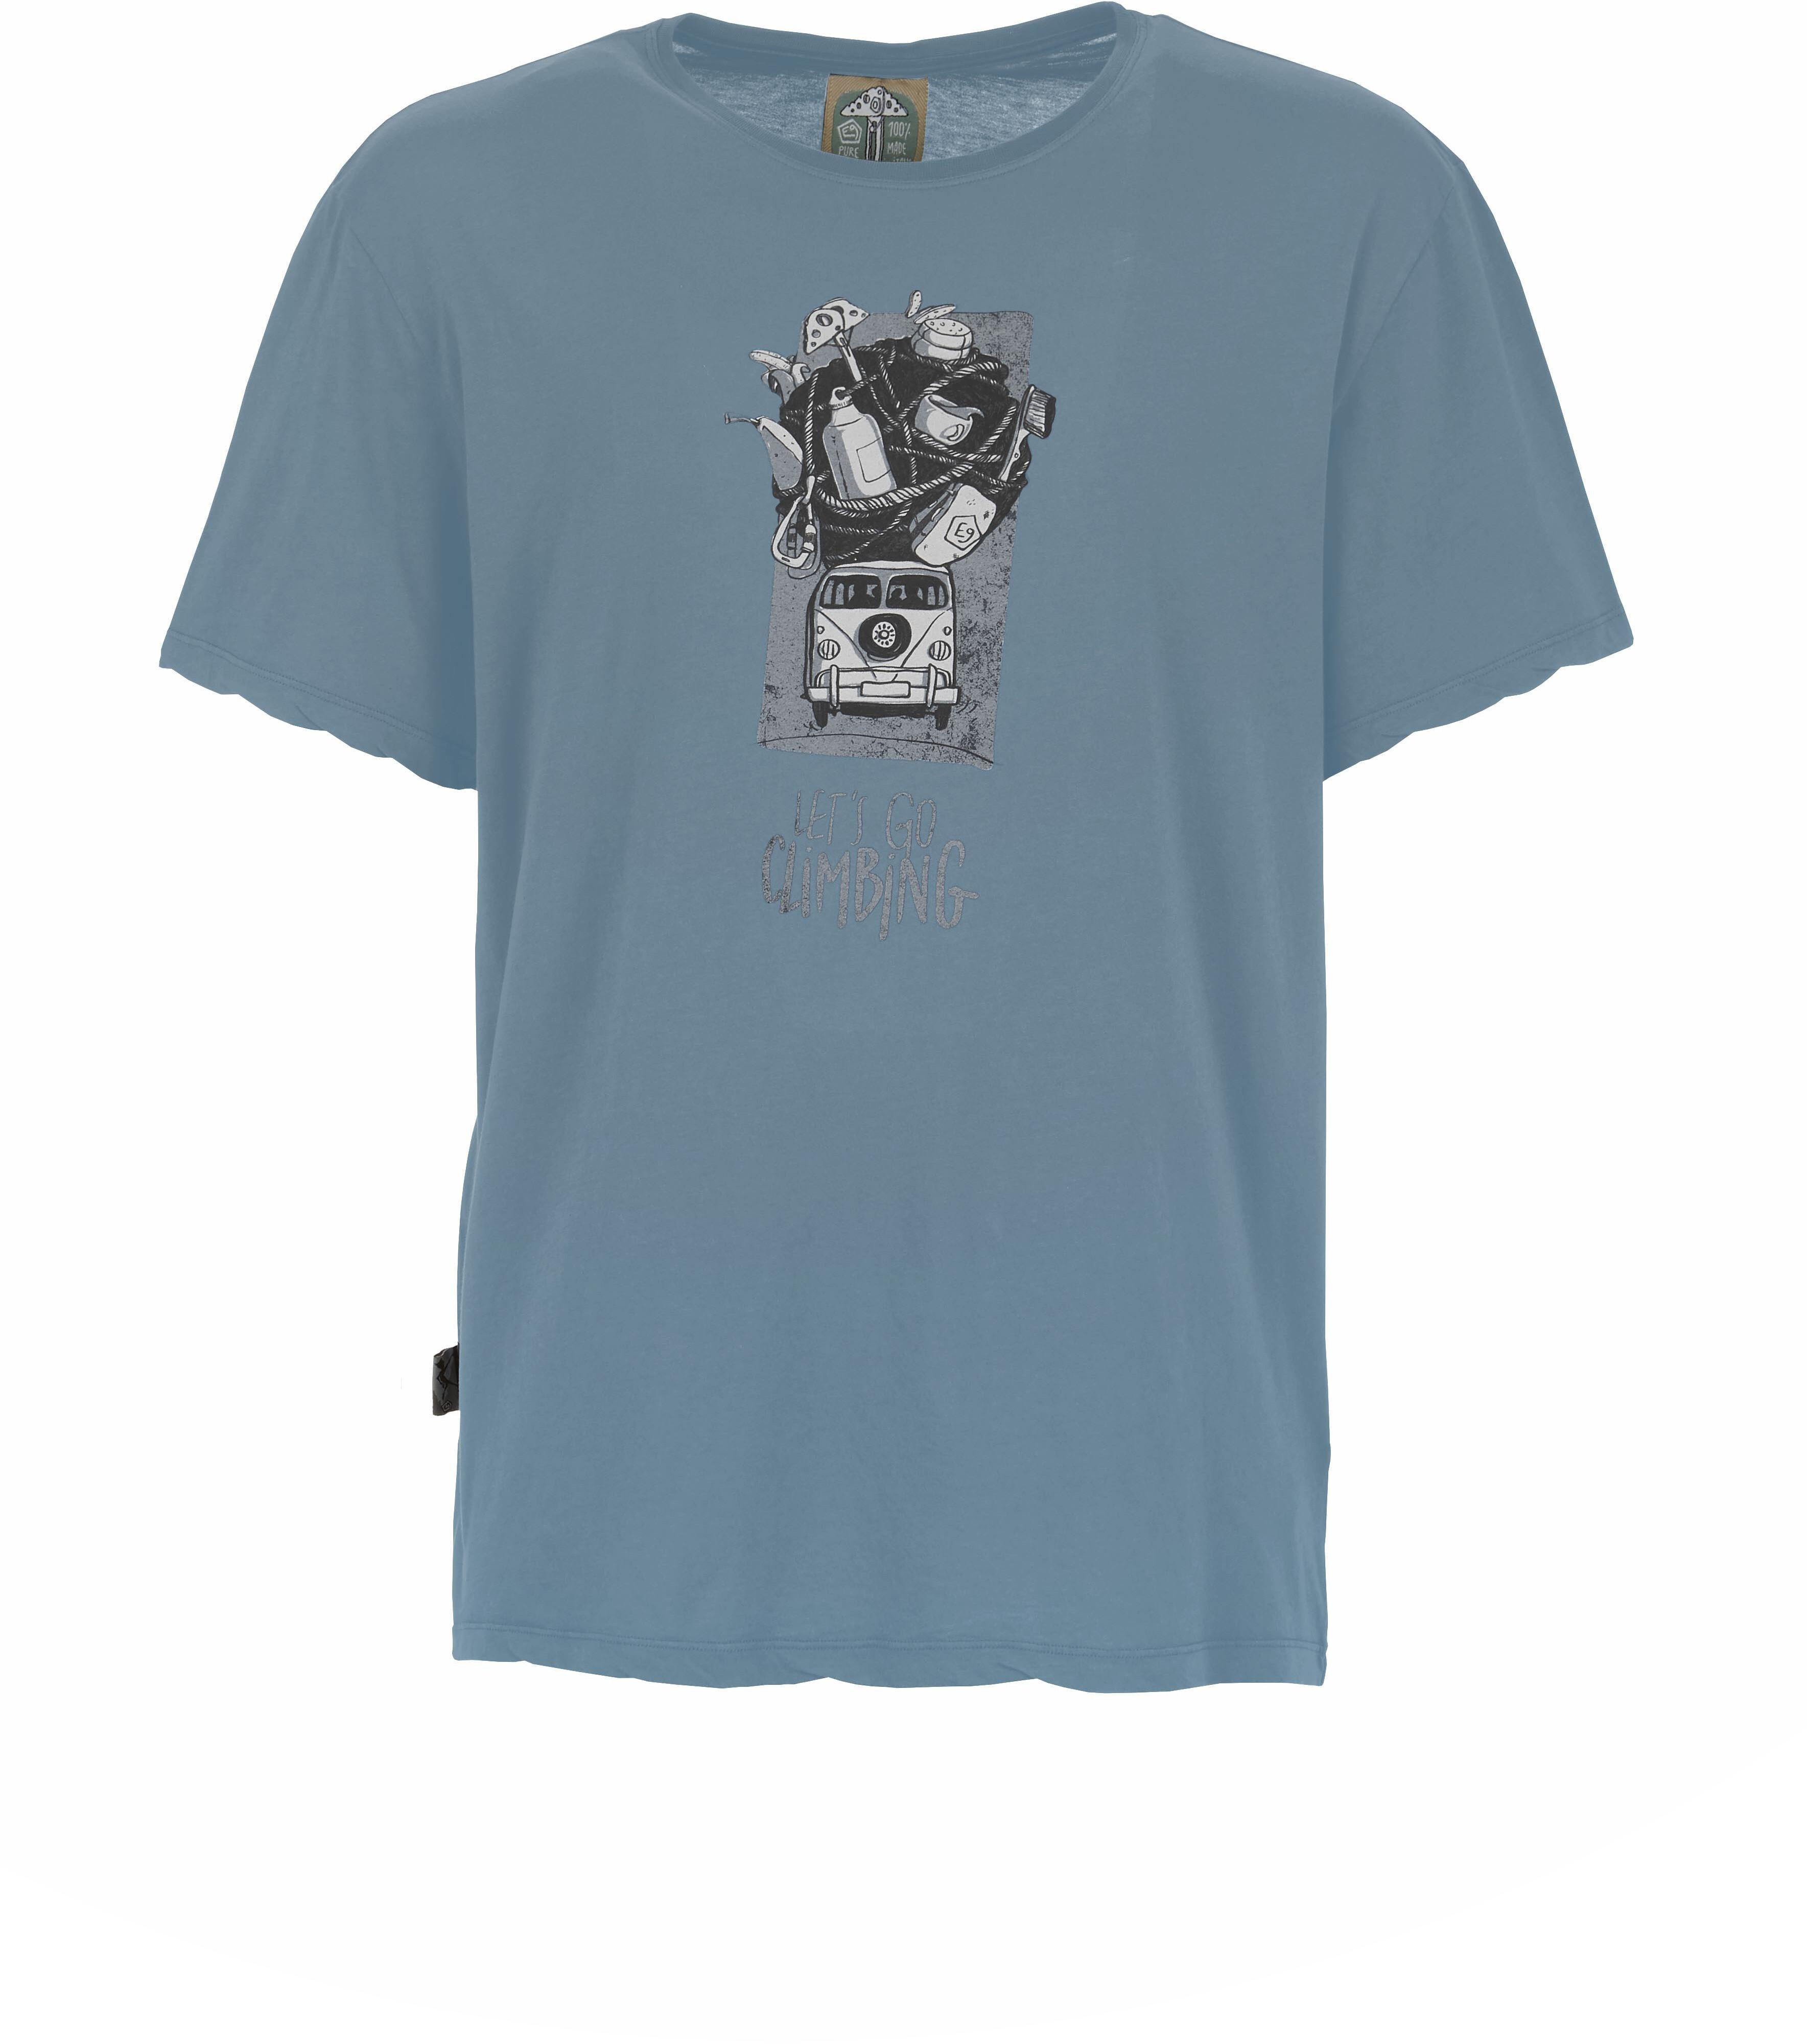 Karpos Profili Lite Jersey Men deep teal 2020 Shortsleeve Shirt